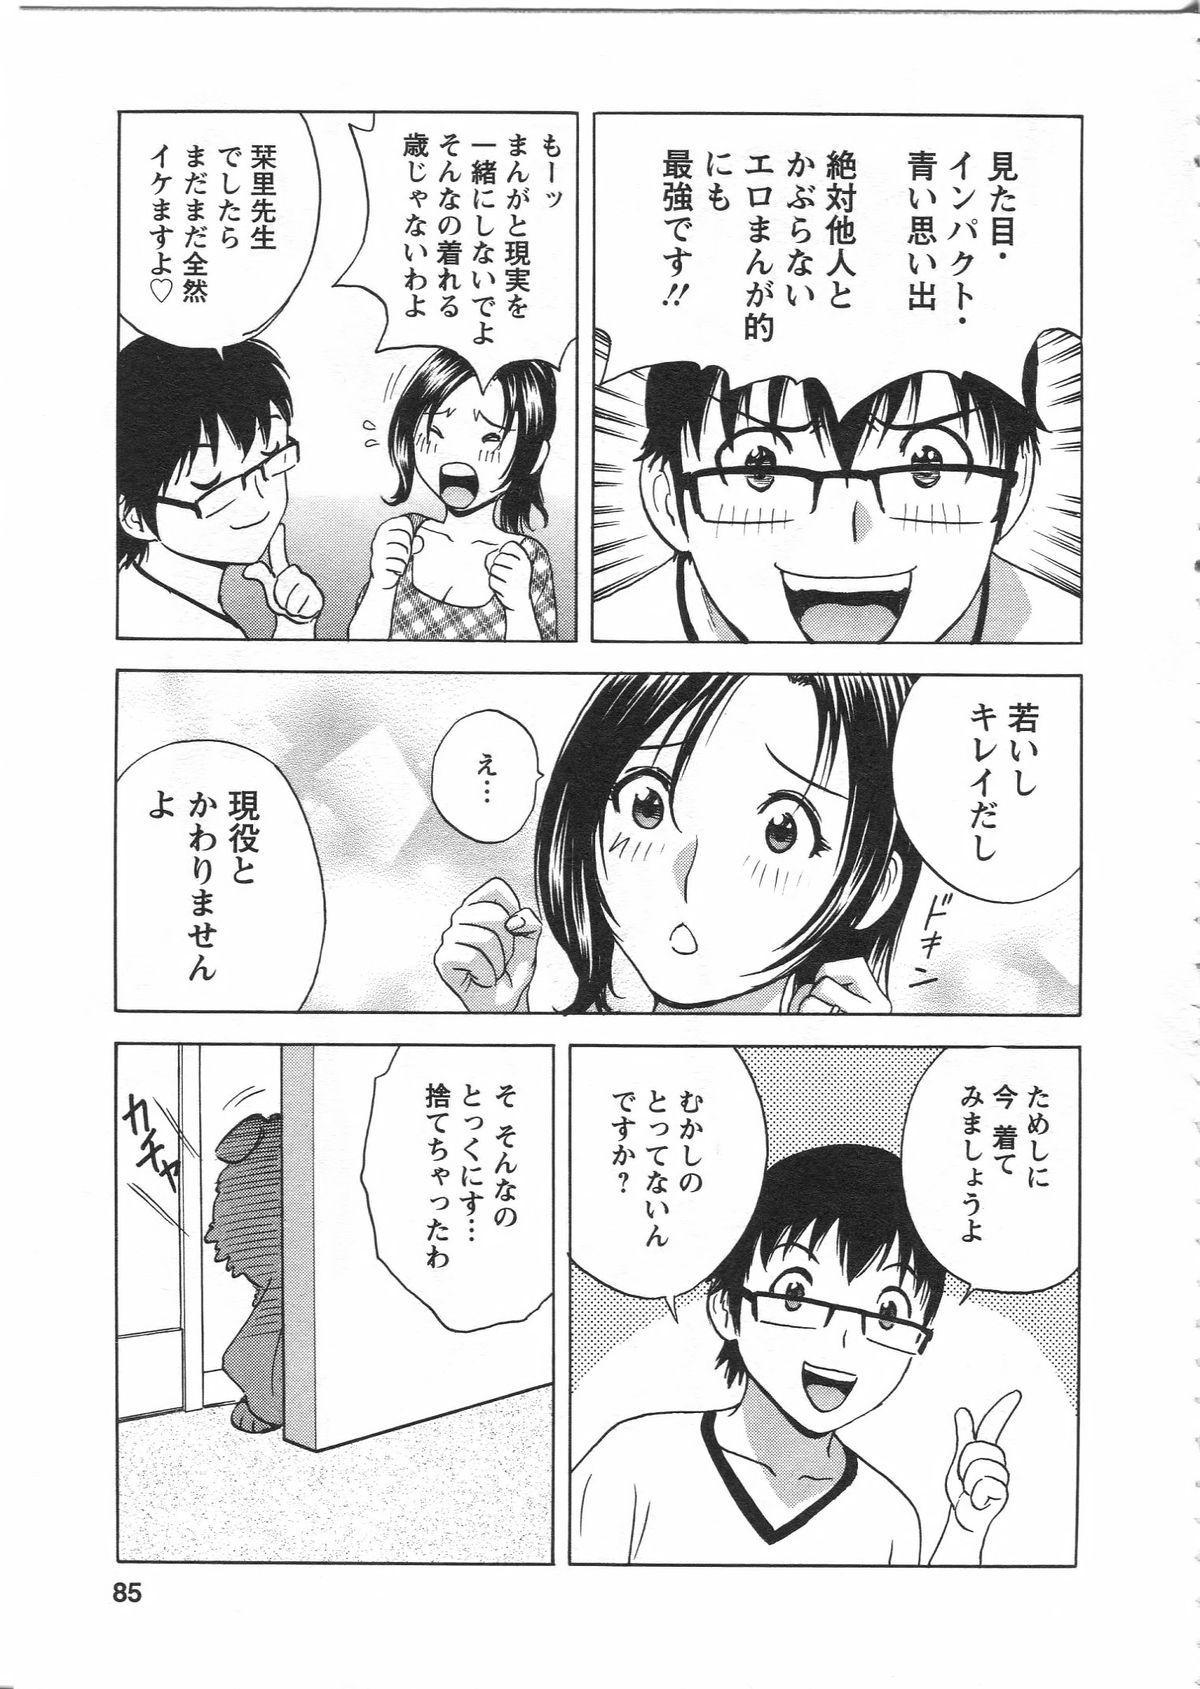 Manga no youna Hitozuma to no Hibi - Days with Married Women such as Comics. 84